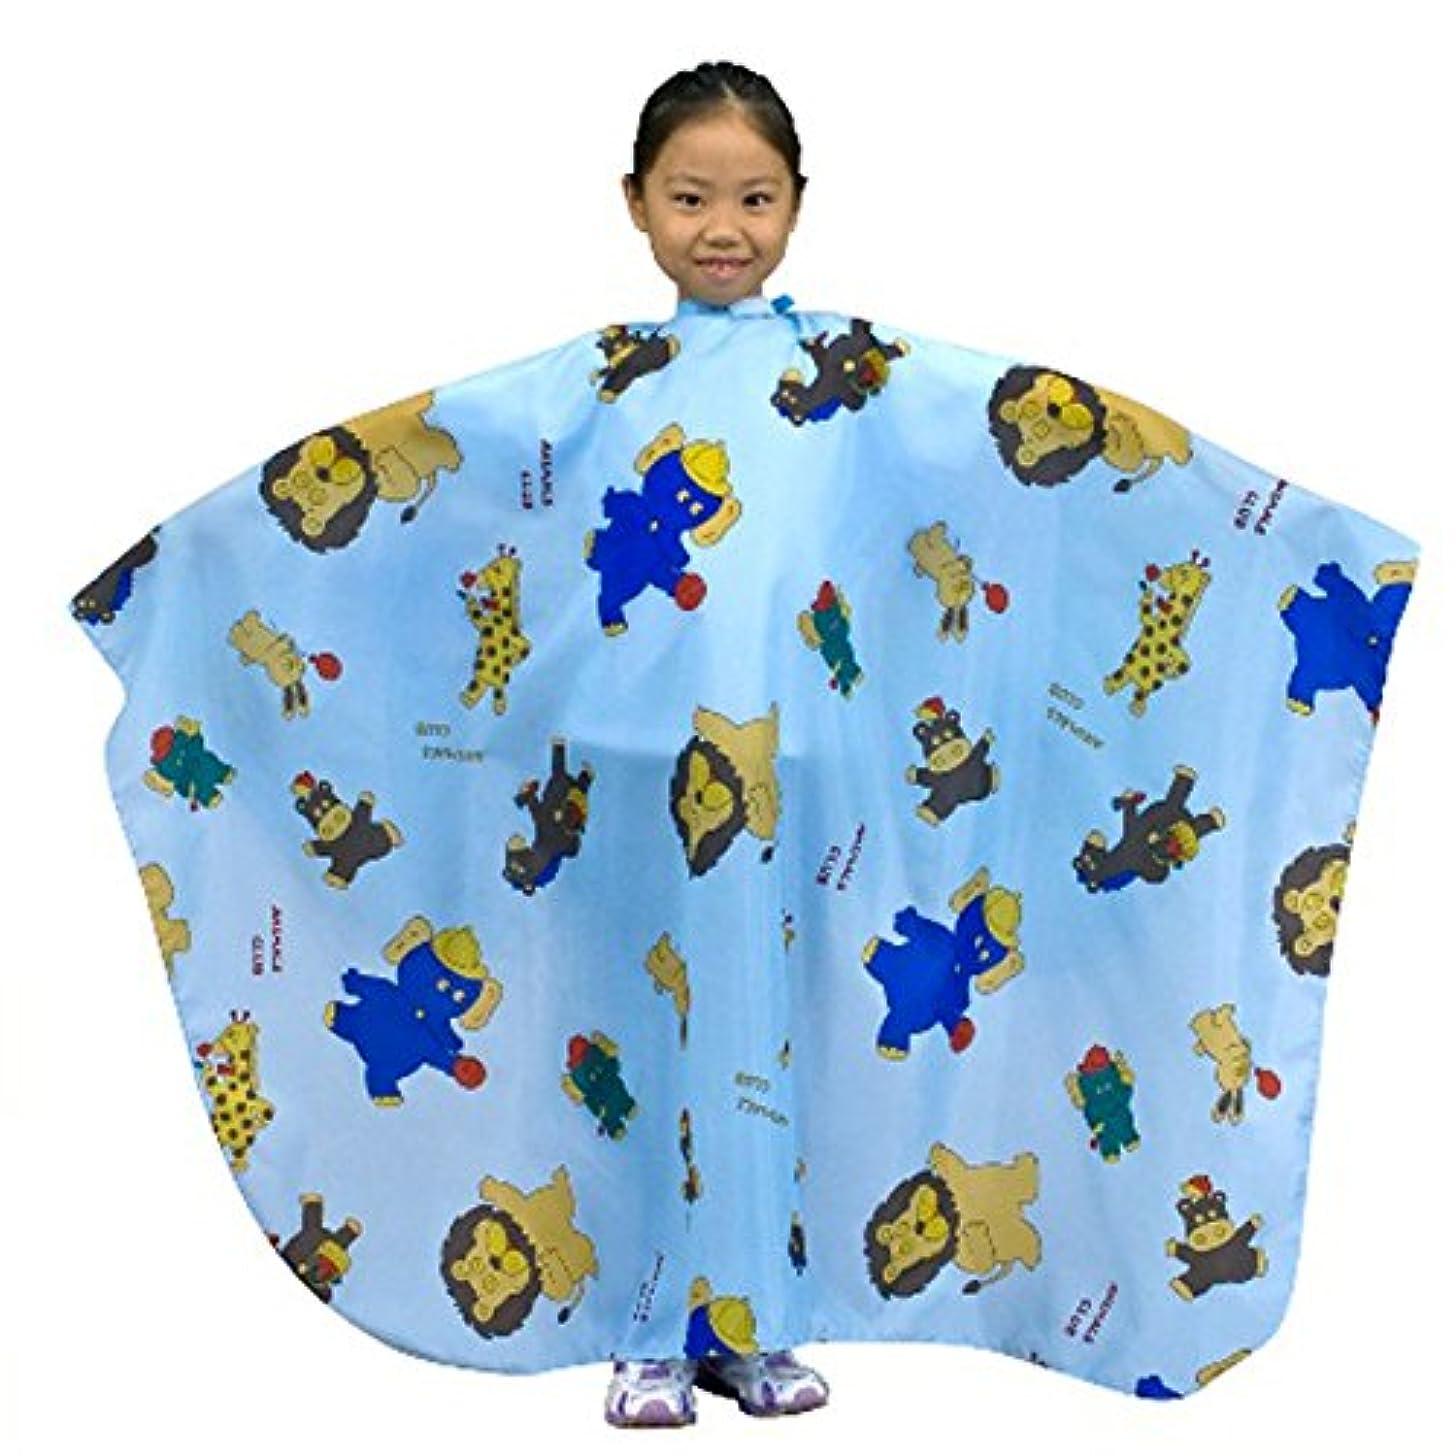 器具強打子供時代エクセルNo.529 子供カットクロス ブルー